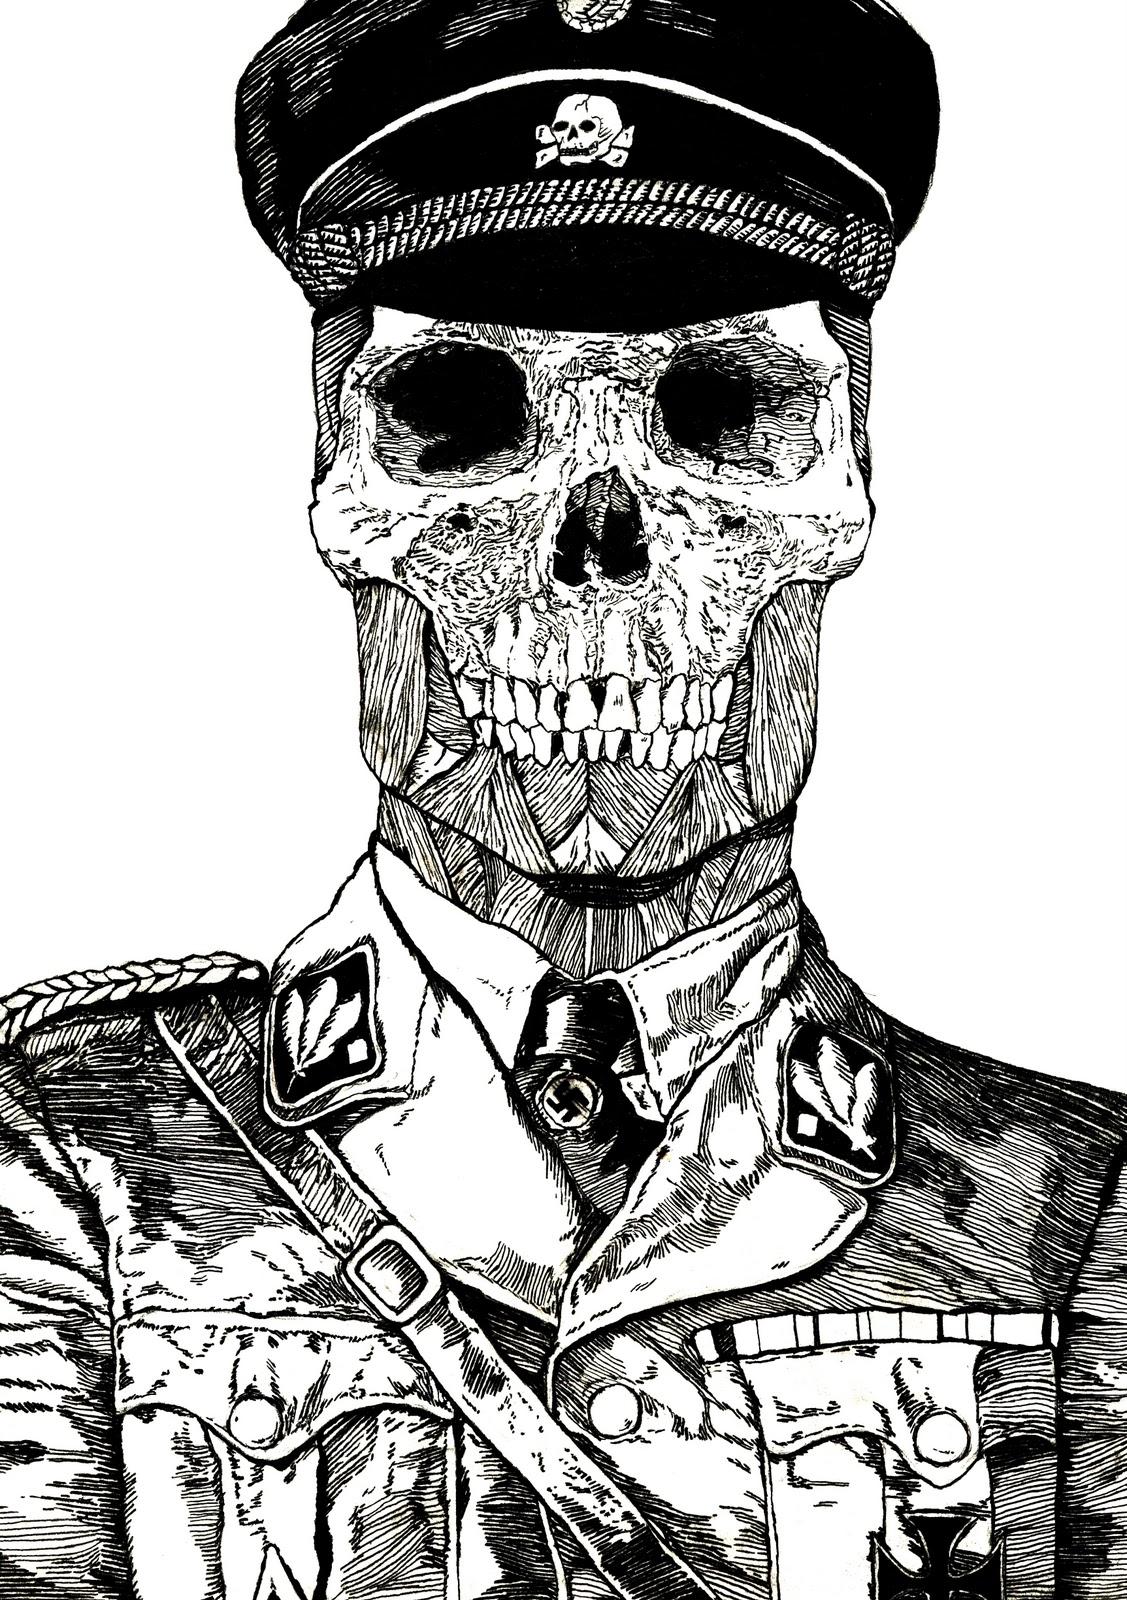 Tjymt w3sai aaaaaaaaaaq raqhqnoywii s1600 nazi skull man pen white